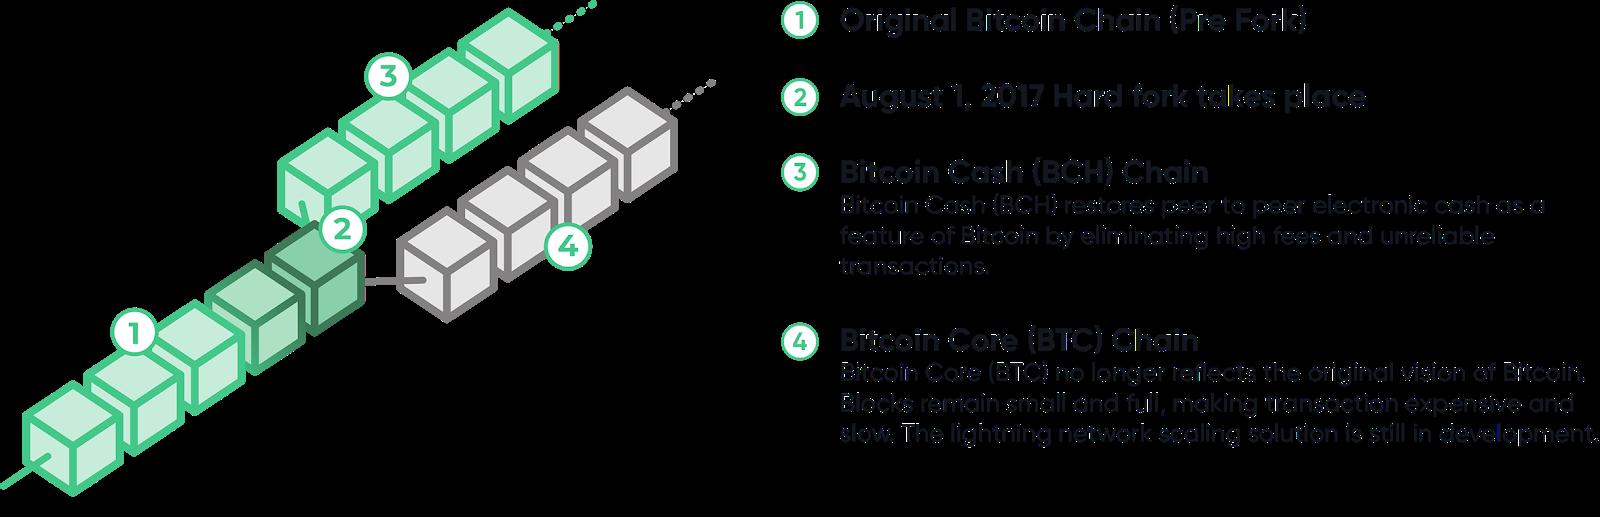 bitcoin vs bitcoin cash scheme